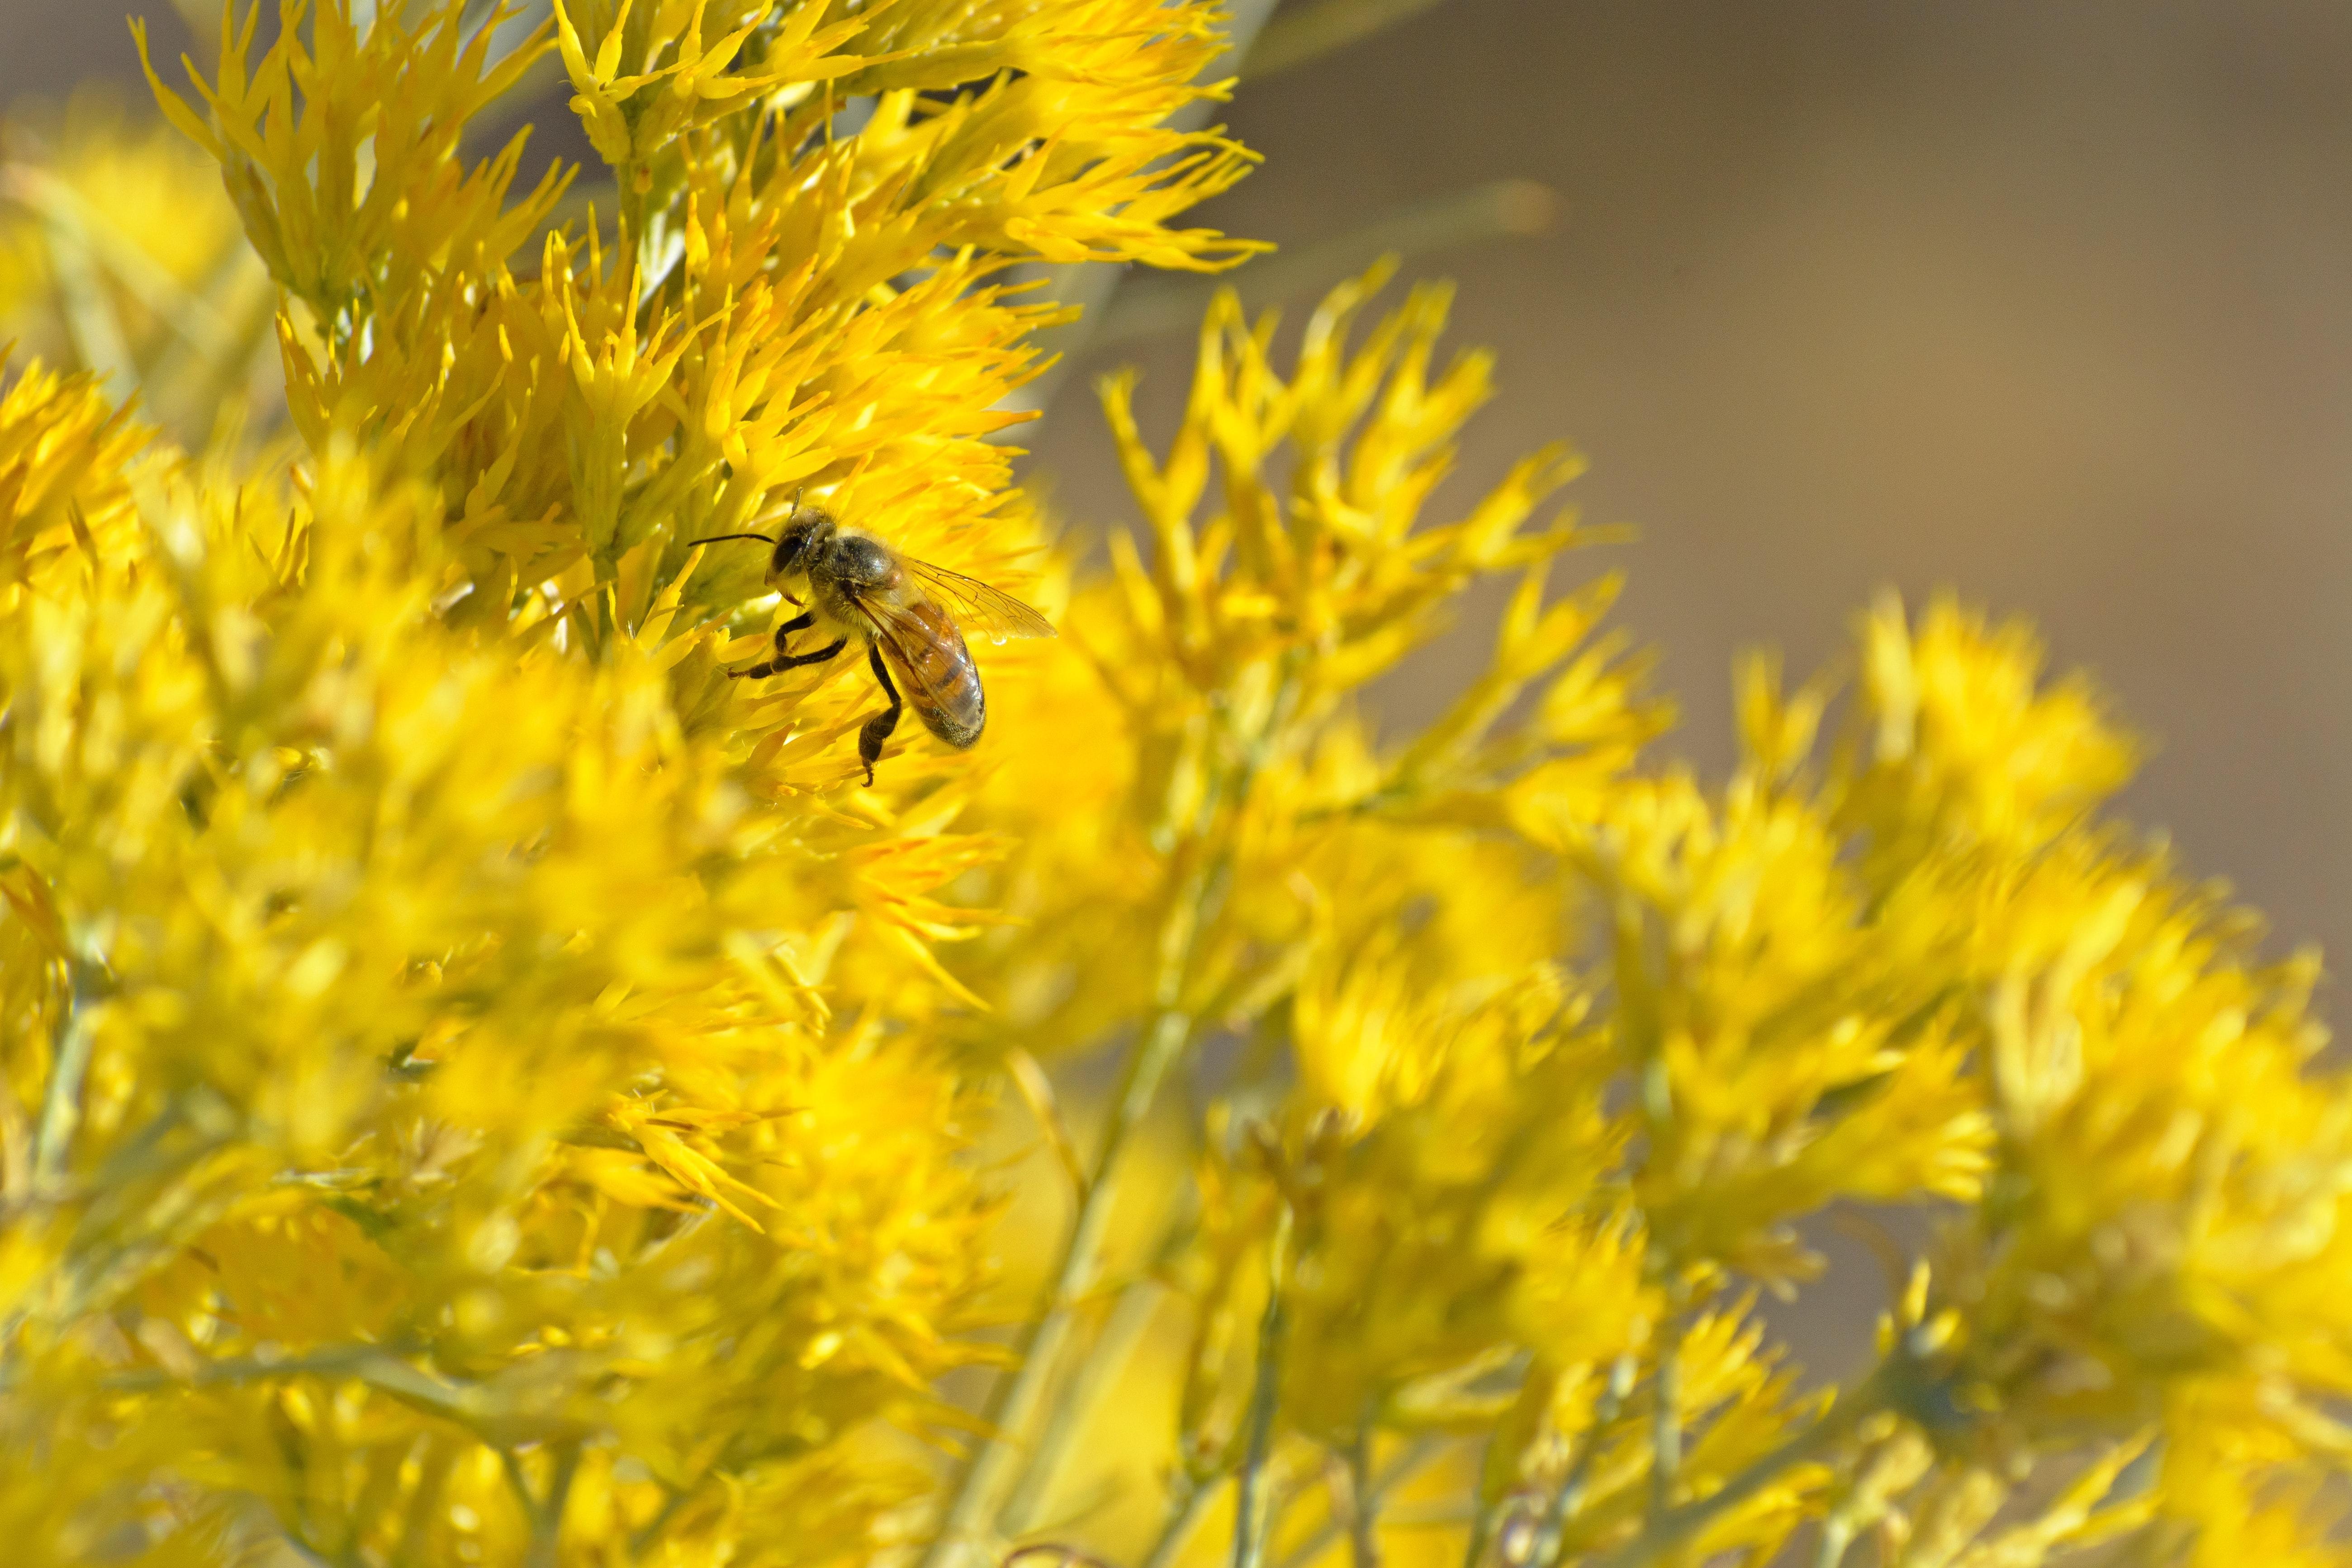 世界中でミツバチが消失し巣箱が空に? 花粉を運ぶポリネーターの役割が危機に